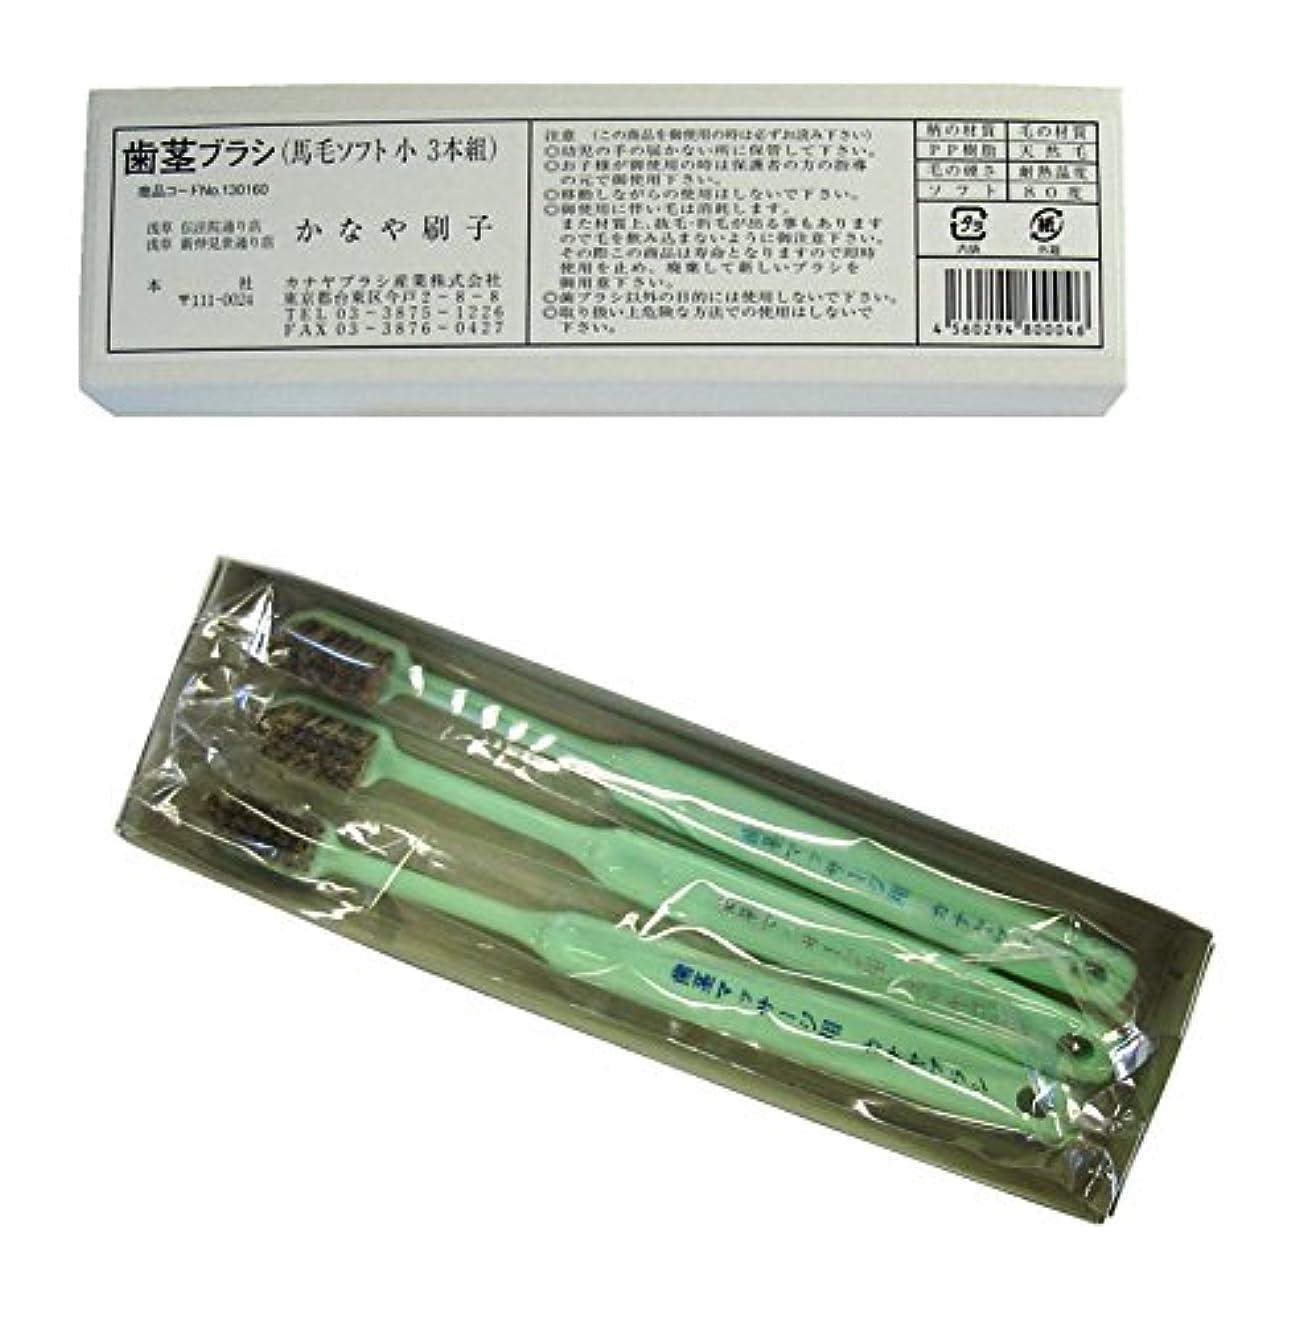 現実的れる潤滑する馬毛歯茎ブラシ(3本入り) 絶品! カナヤブラシ製品 毛質:超ソフト